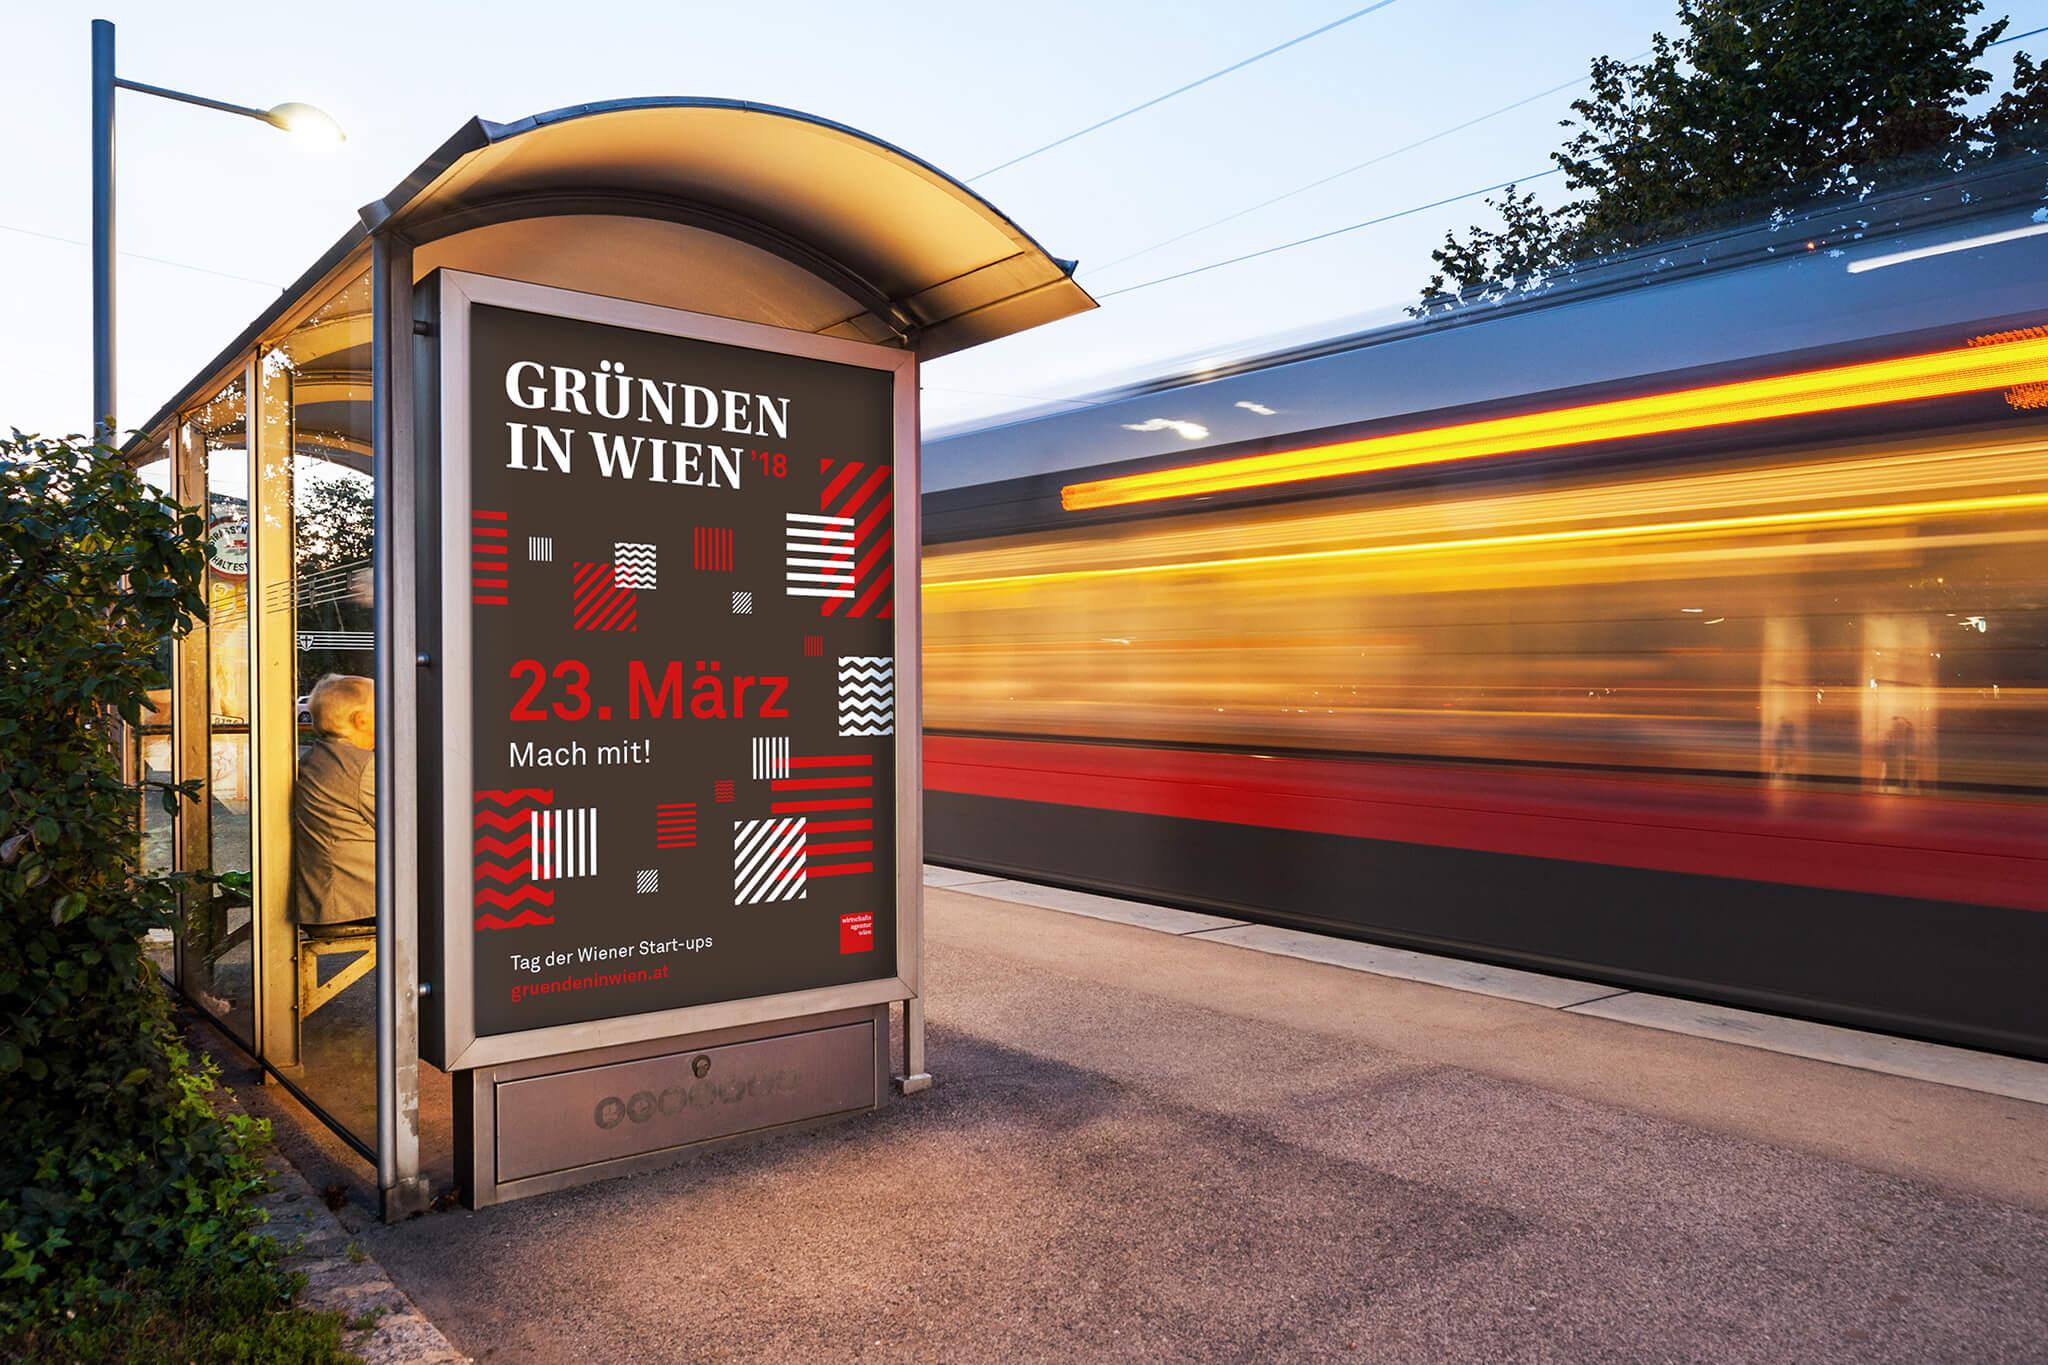 Gründen in Wien Poster mit schwarz-rot-weißem Pattern als City-Light